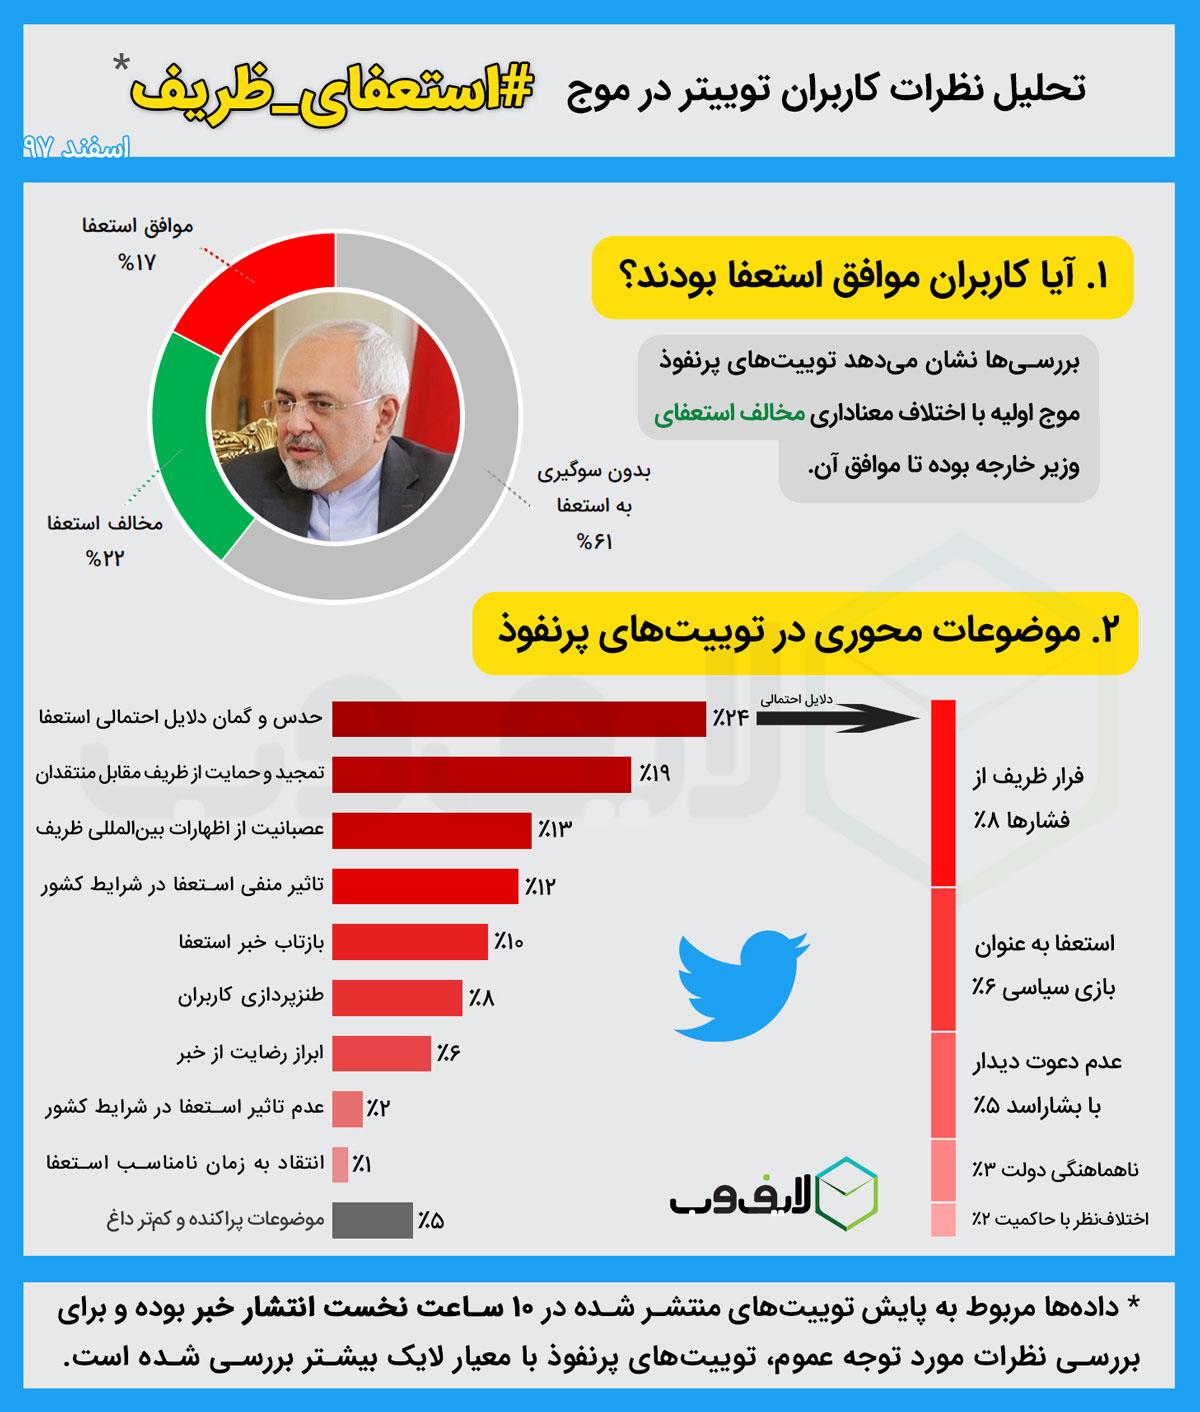 نظر کاربران توییتر و اینستاگرام درباره استعفای ظریف (+نمودار و ابرکلمات)